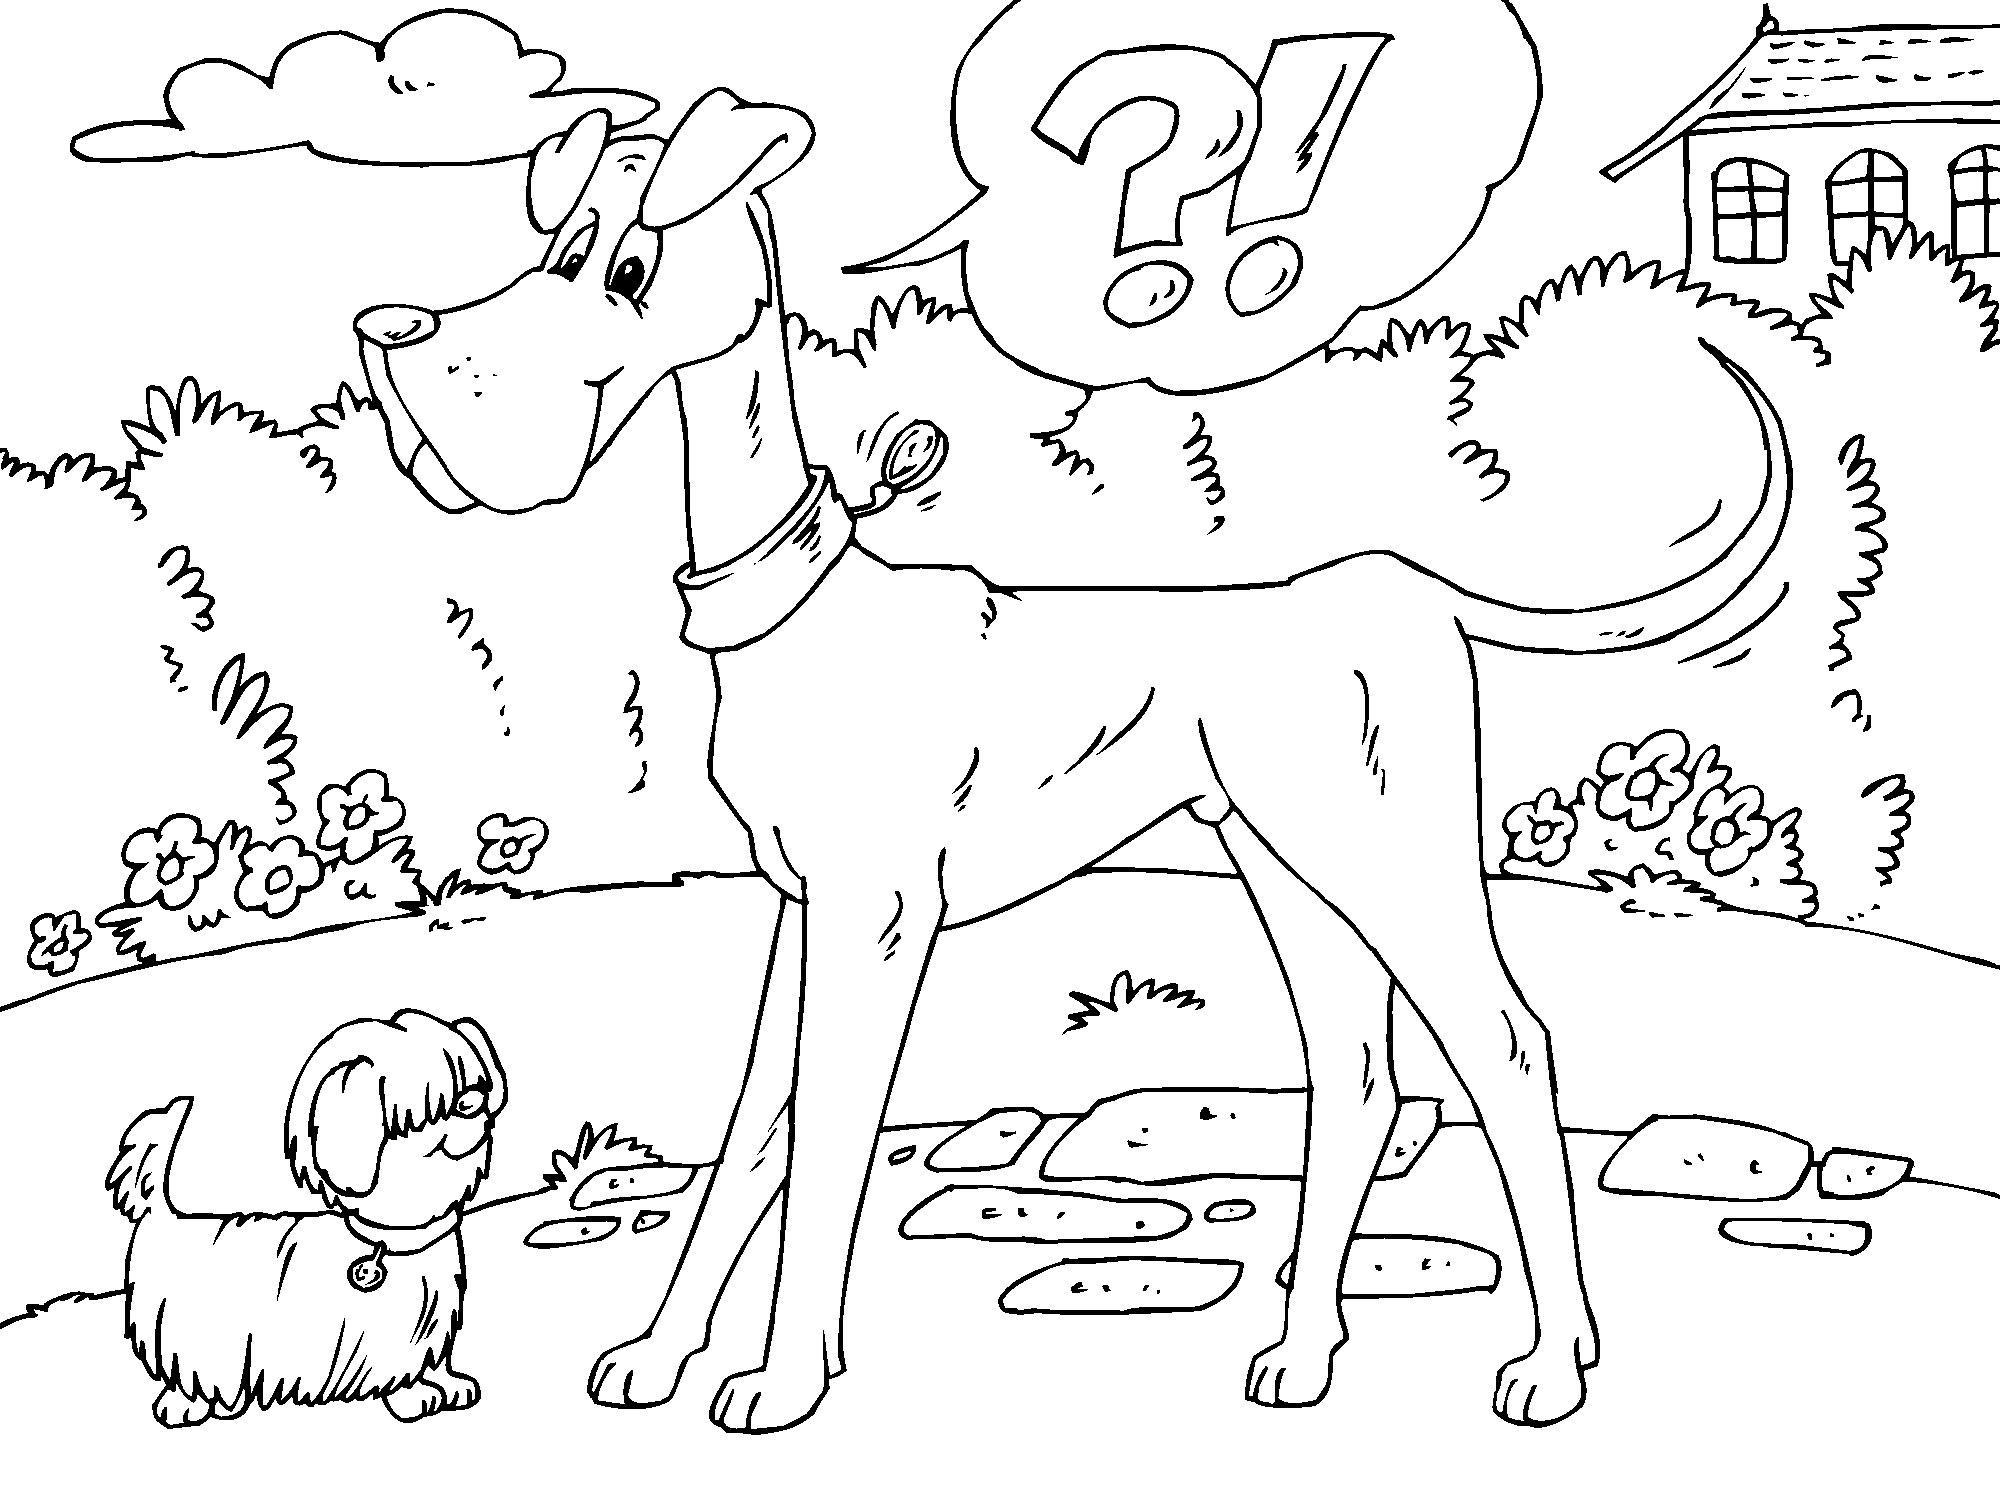 Dibujo Para Colorear Perro Grande Y Perro Pequeño Dibujos